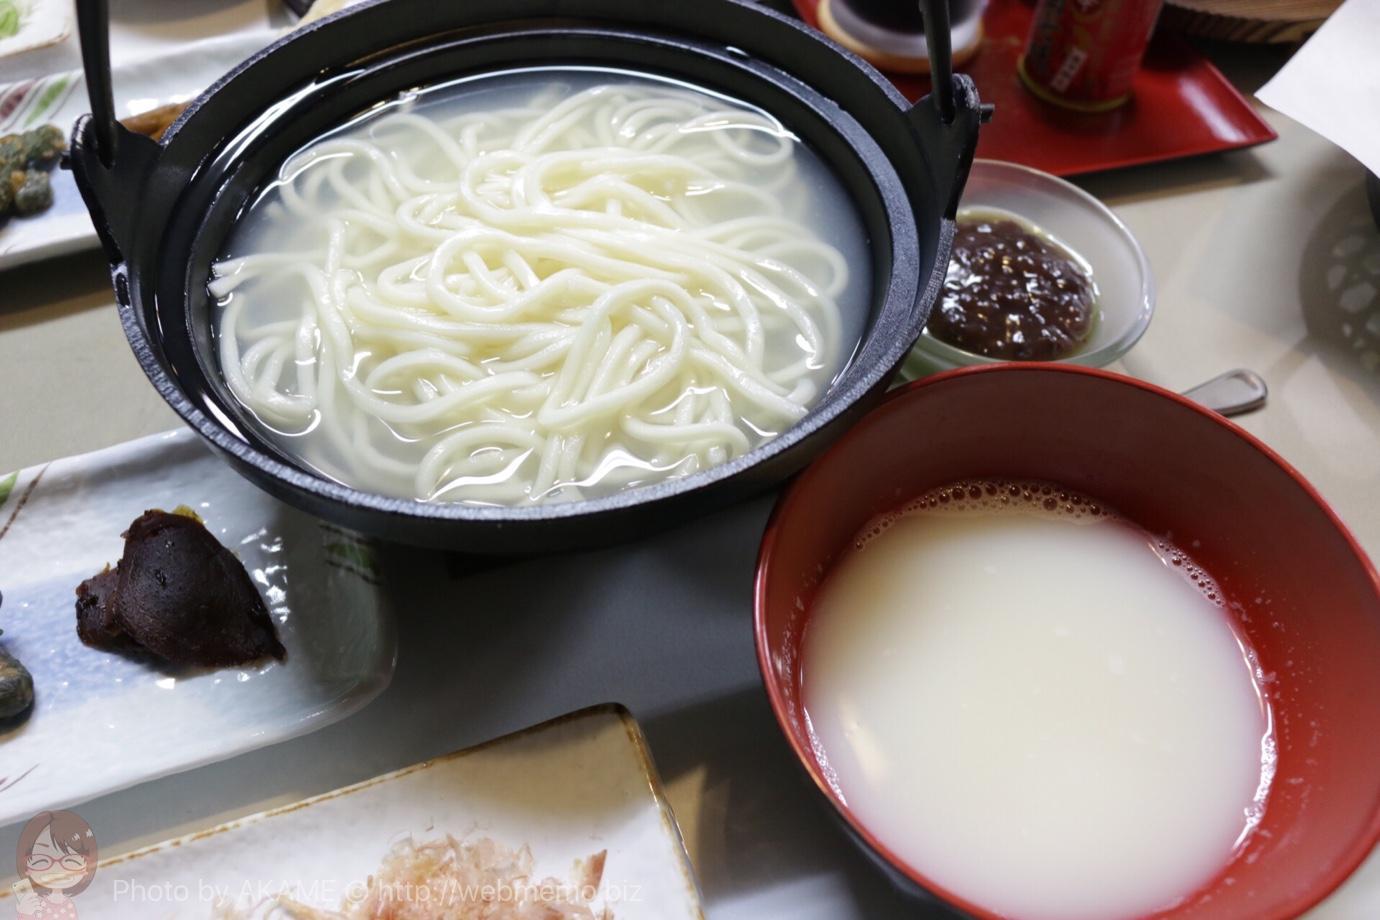 味噌製造・直売所「新田醸造」で長野の郷土料理おしぼりうどんに挑戦!衝撃の辛さで驚いた